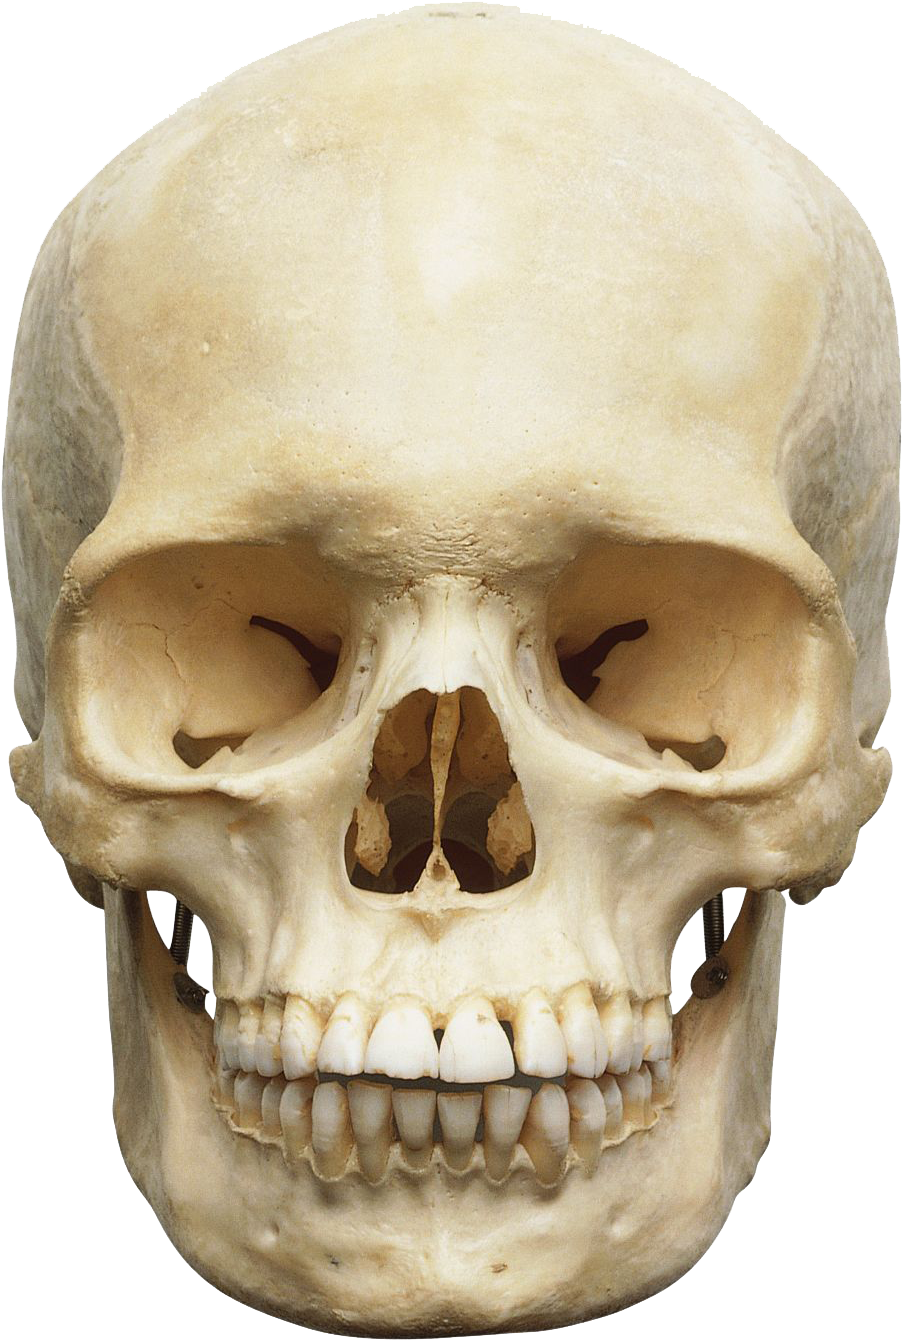 Transparent skeleton head clipart - Skeleton Head Png Image Png Image Skeleton Head Png - Head Skeleton Png